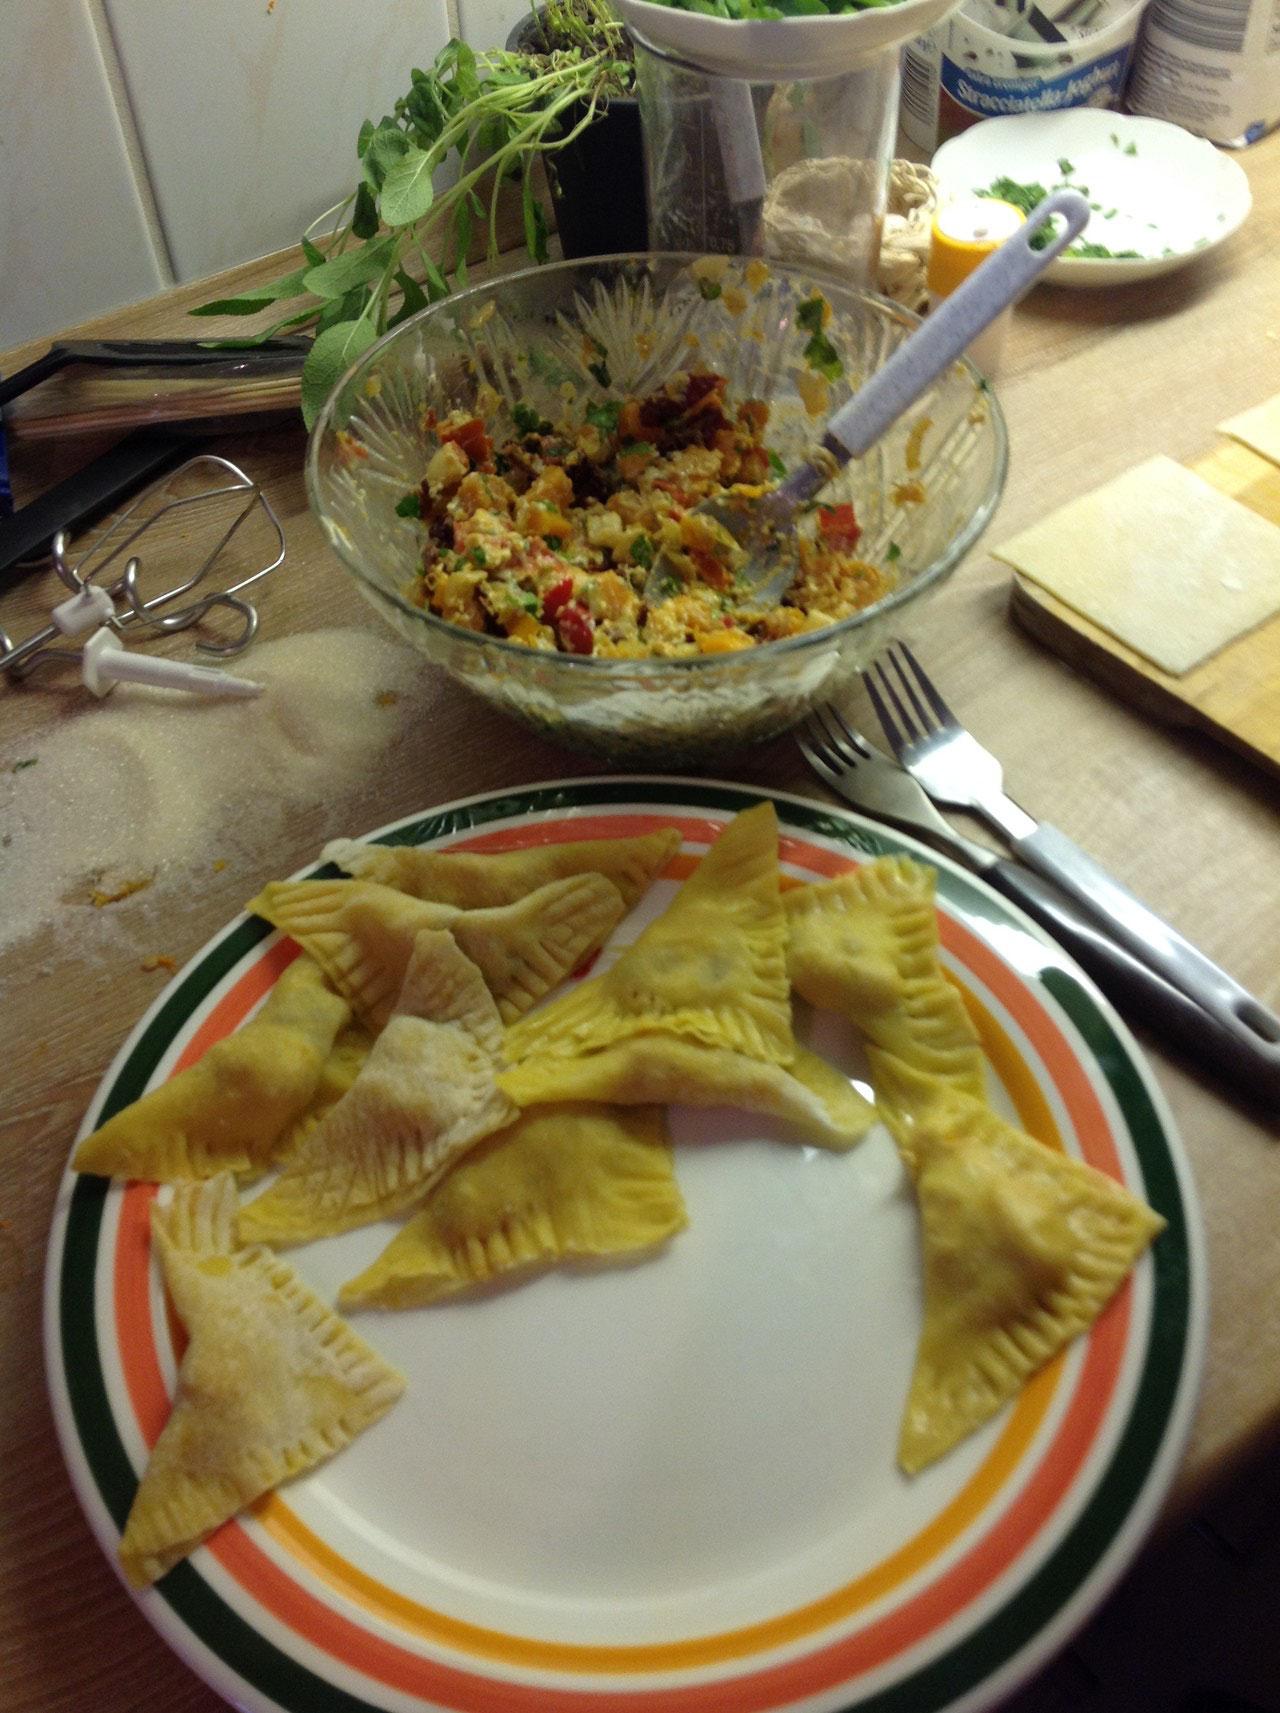 Das sieht dann so aus - 5 min Kochen und FERTIIIIIIG!